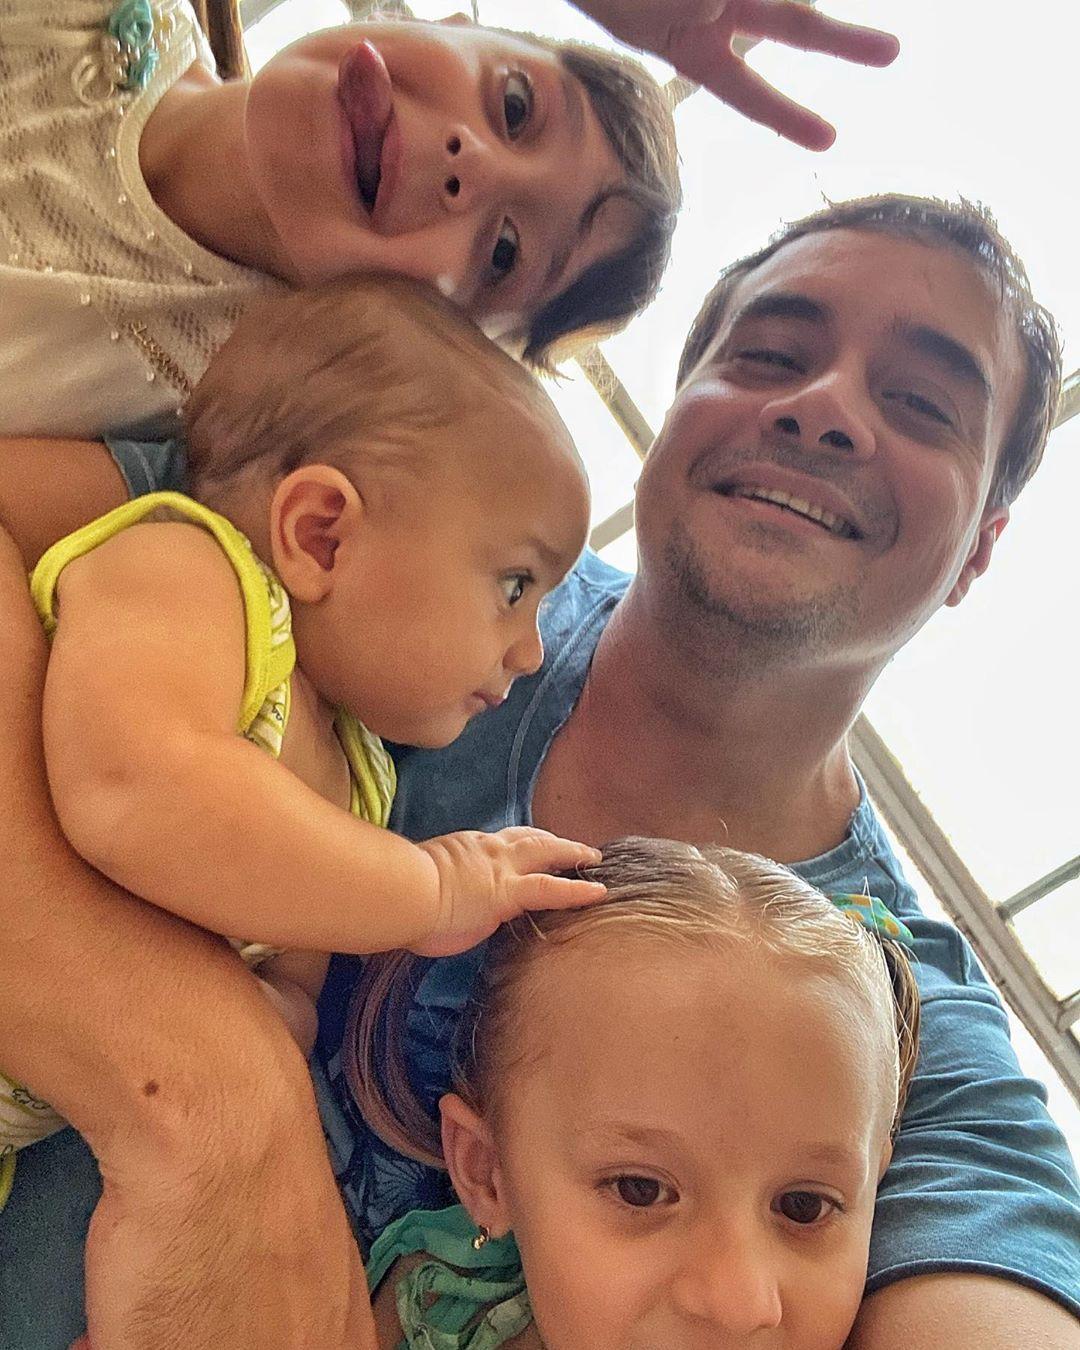 Filhos em desempenho industrial, por Fernando Gurjão Sampaio - Papo de Pai